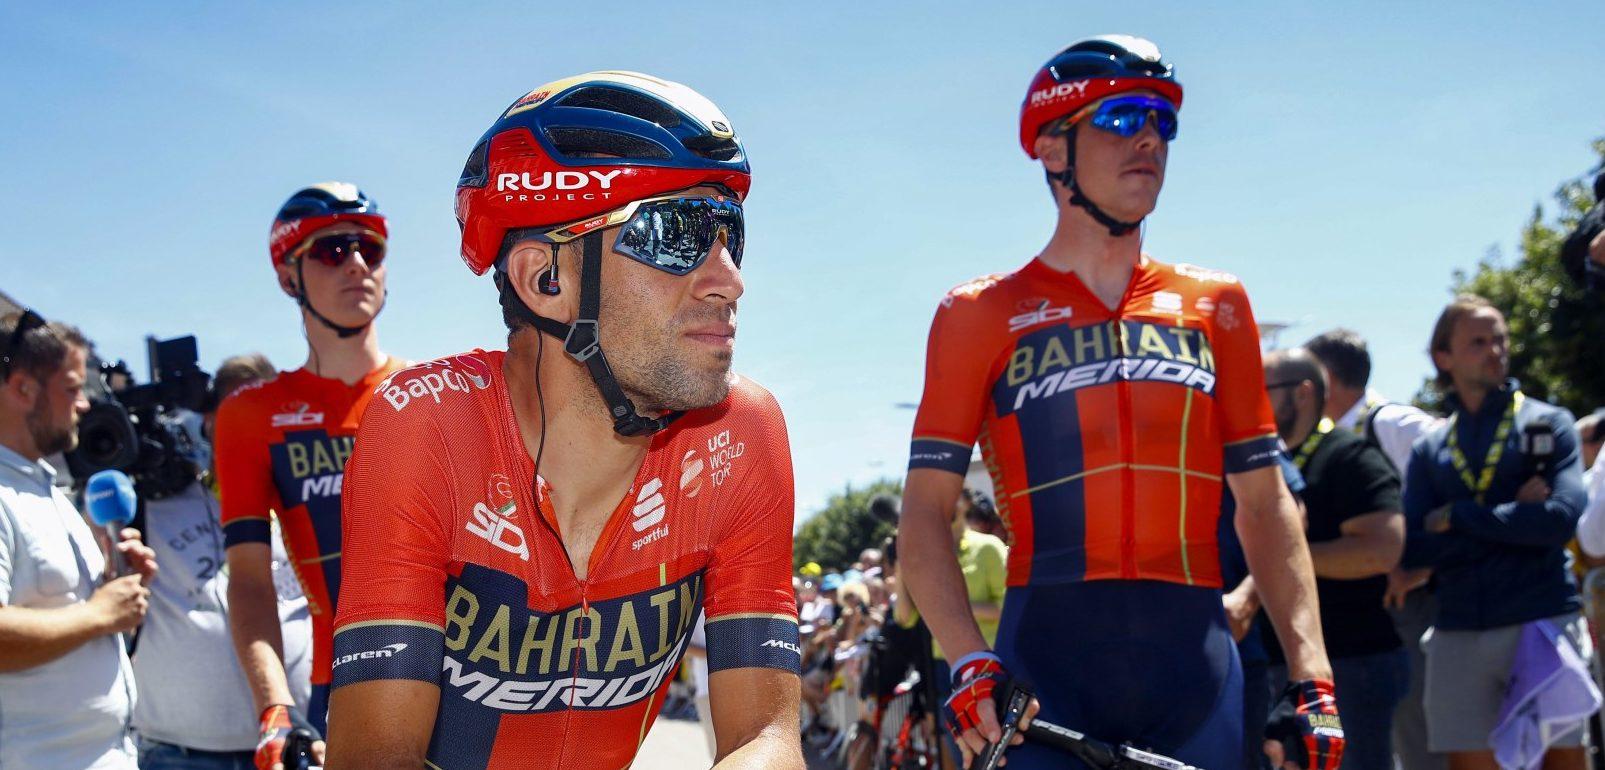 Vincenzo Nibali en Rohan Dennis van Bahrain-Merida